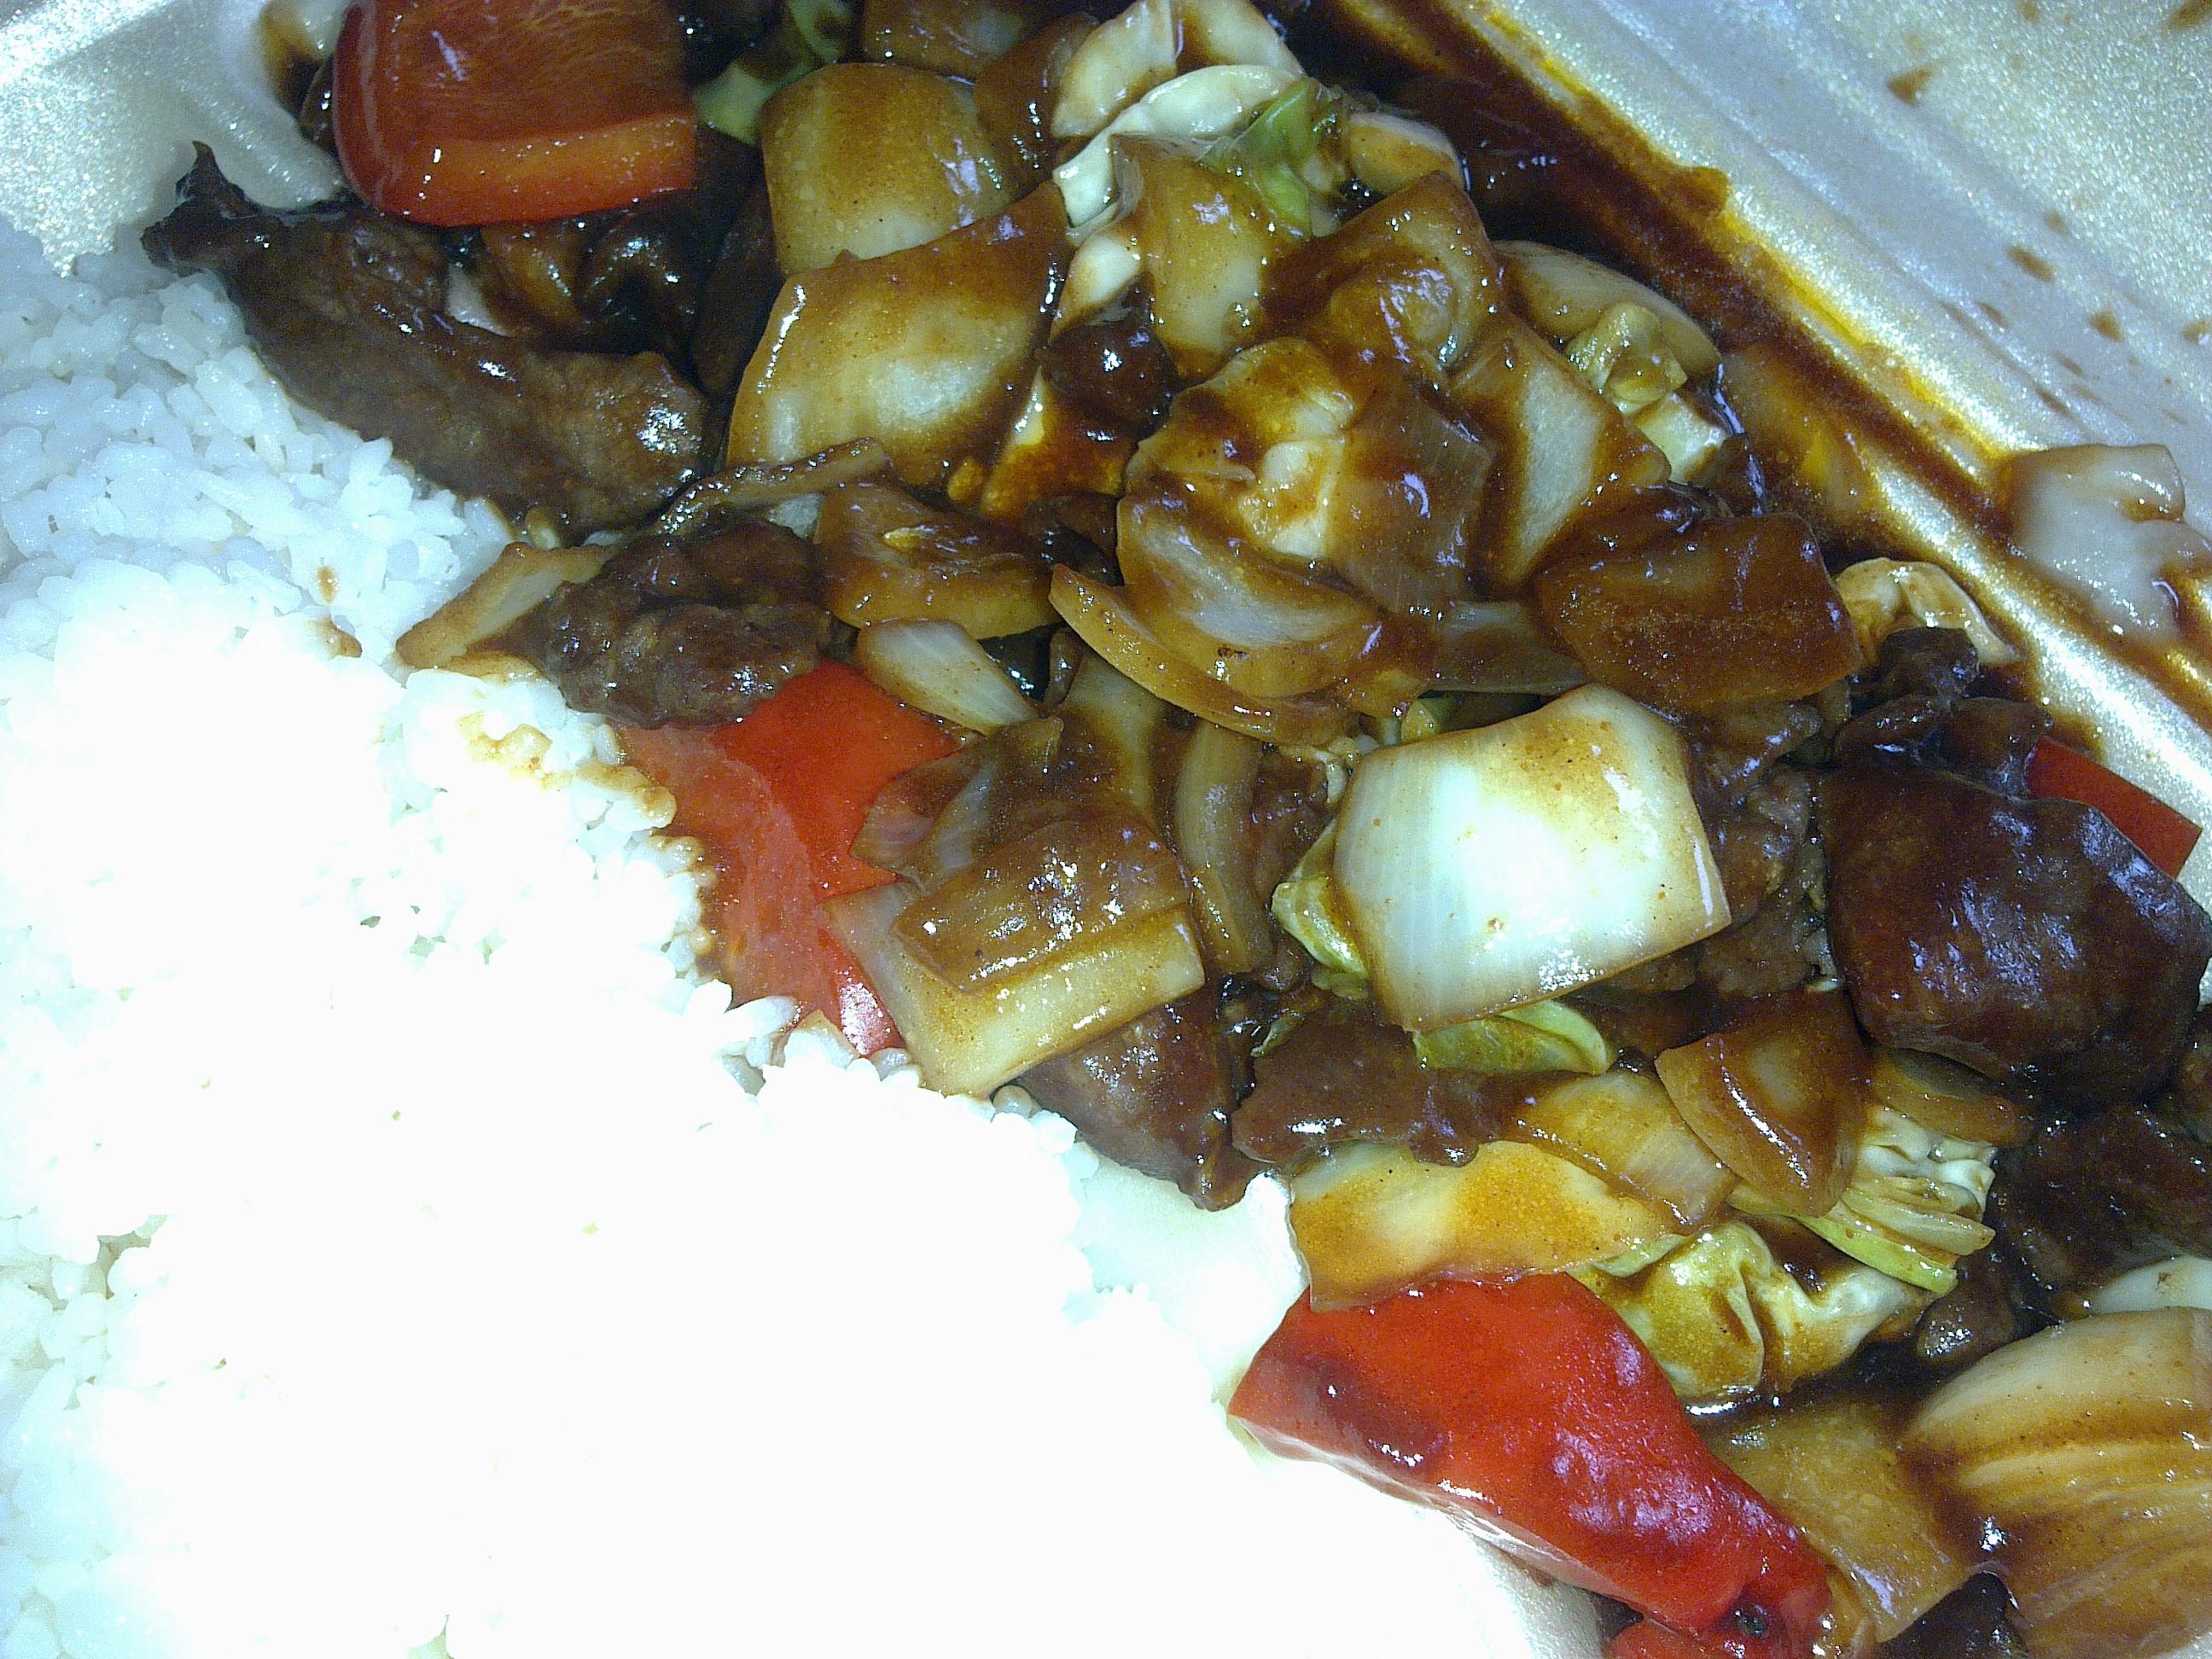 Pyynikintorin kiinalainen grilli (Tu Huong Grillikioski), Tampere: Naudalihaa chilikastikkeessa